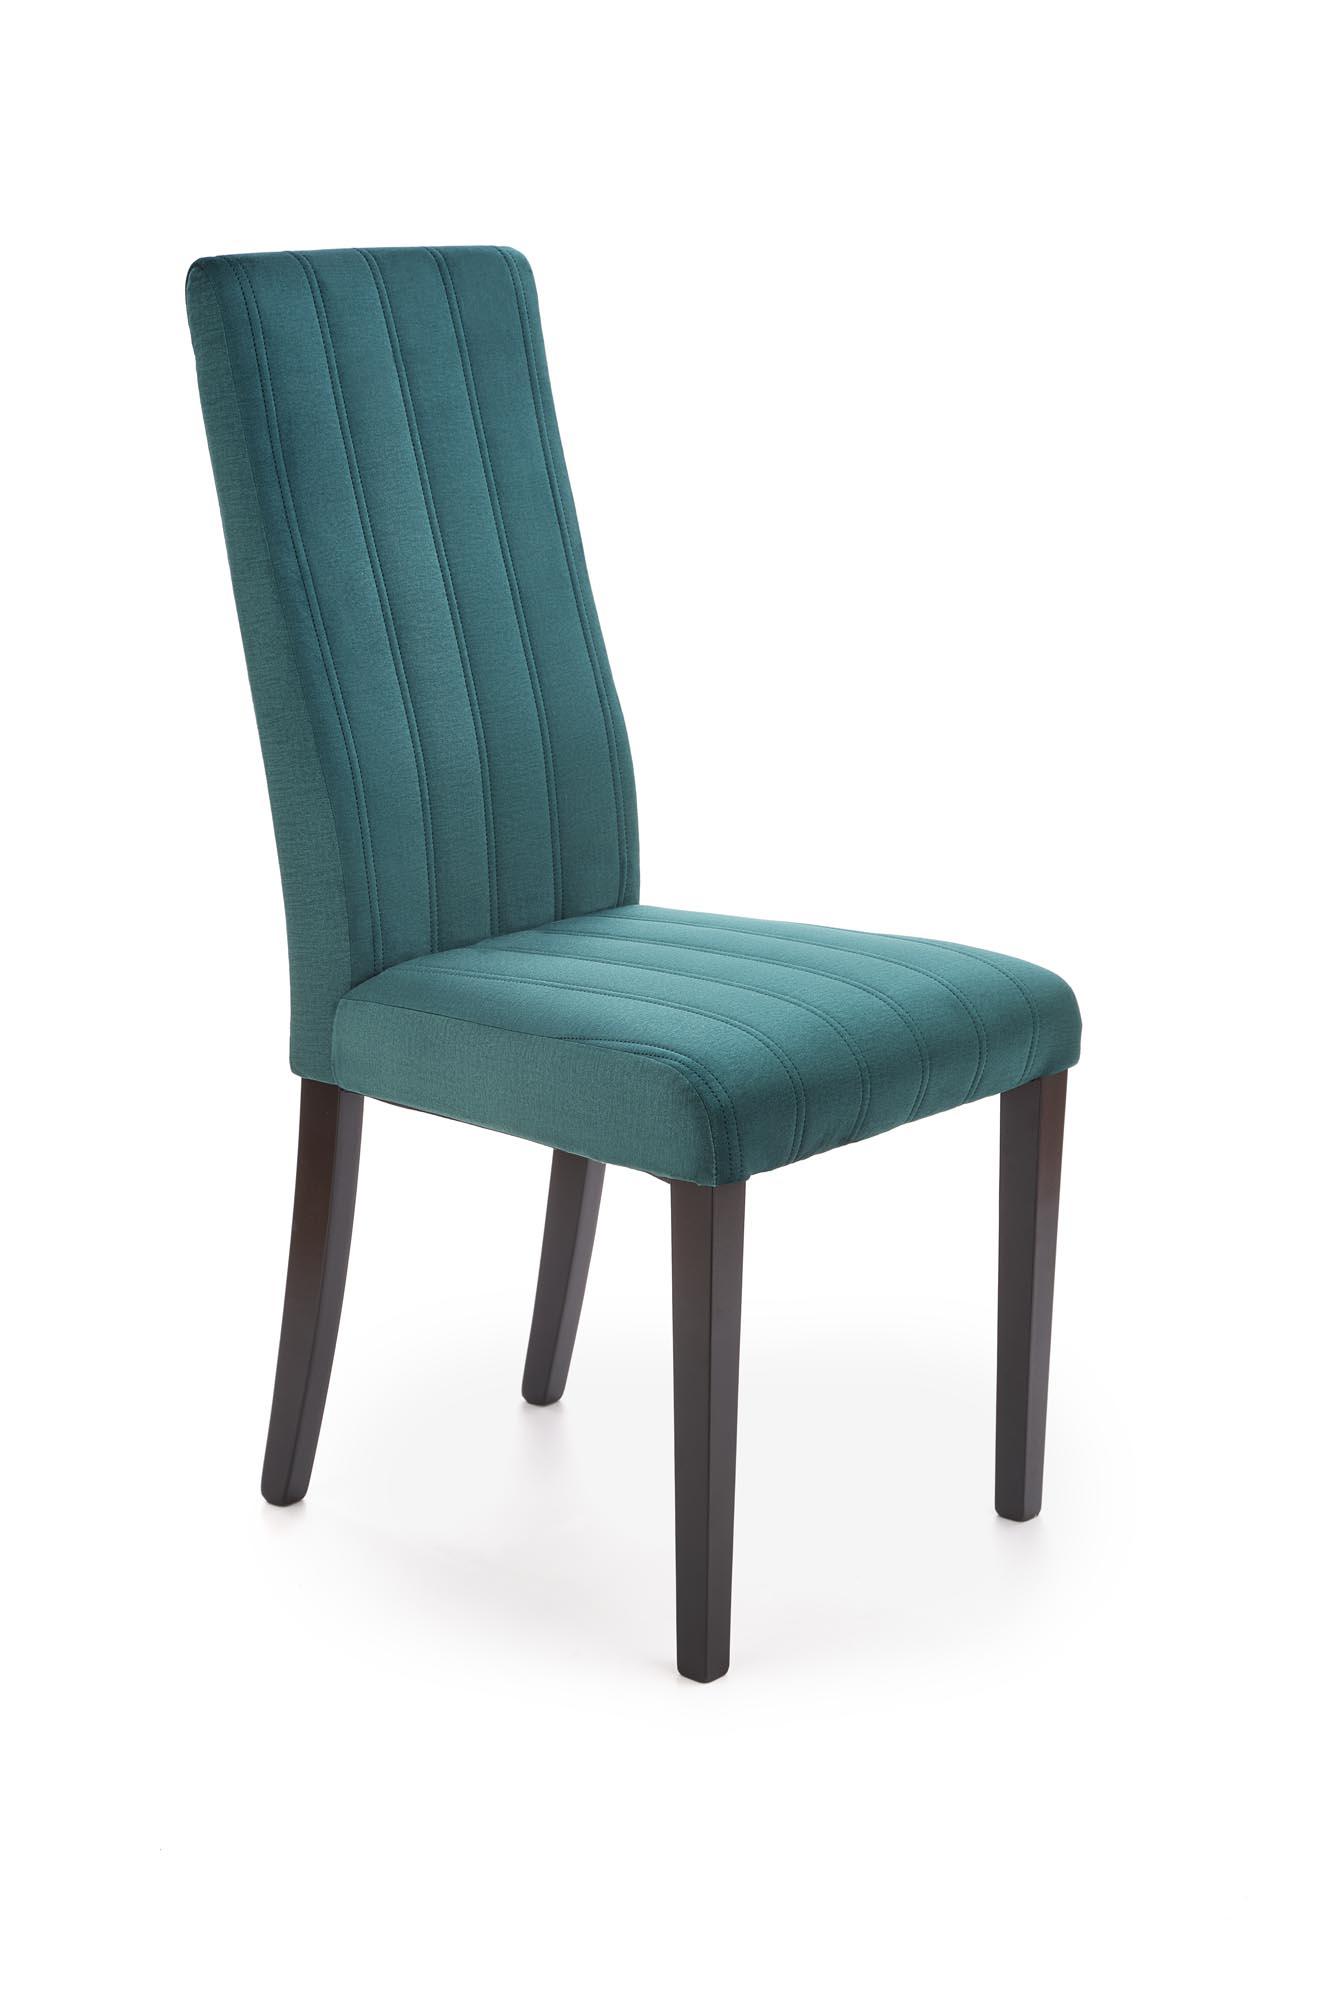 DIEGO 2 jedálenská stolička čierna / čal. zamat prešívané pásy - MONOLITH 37 (tmavo zelená)